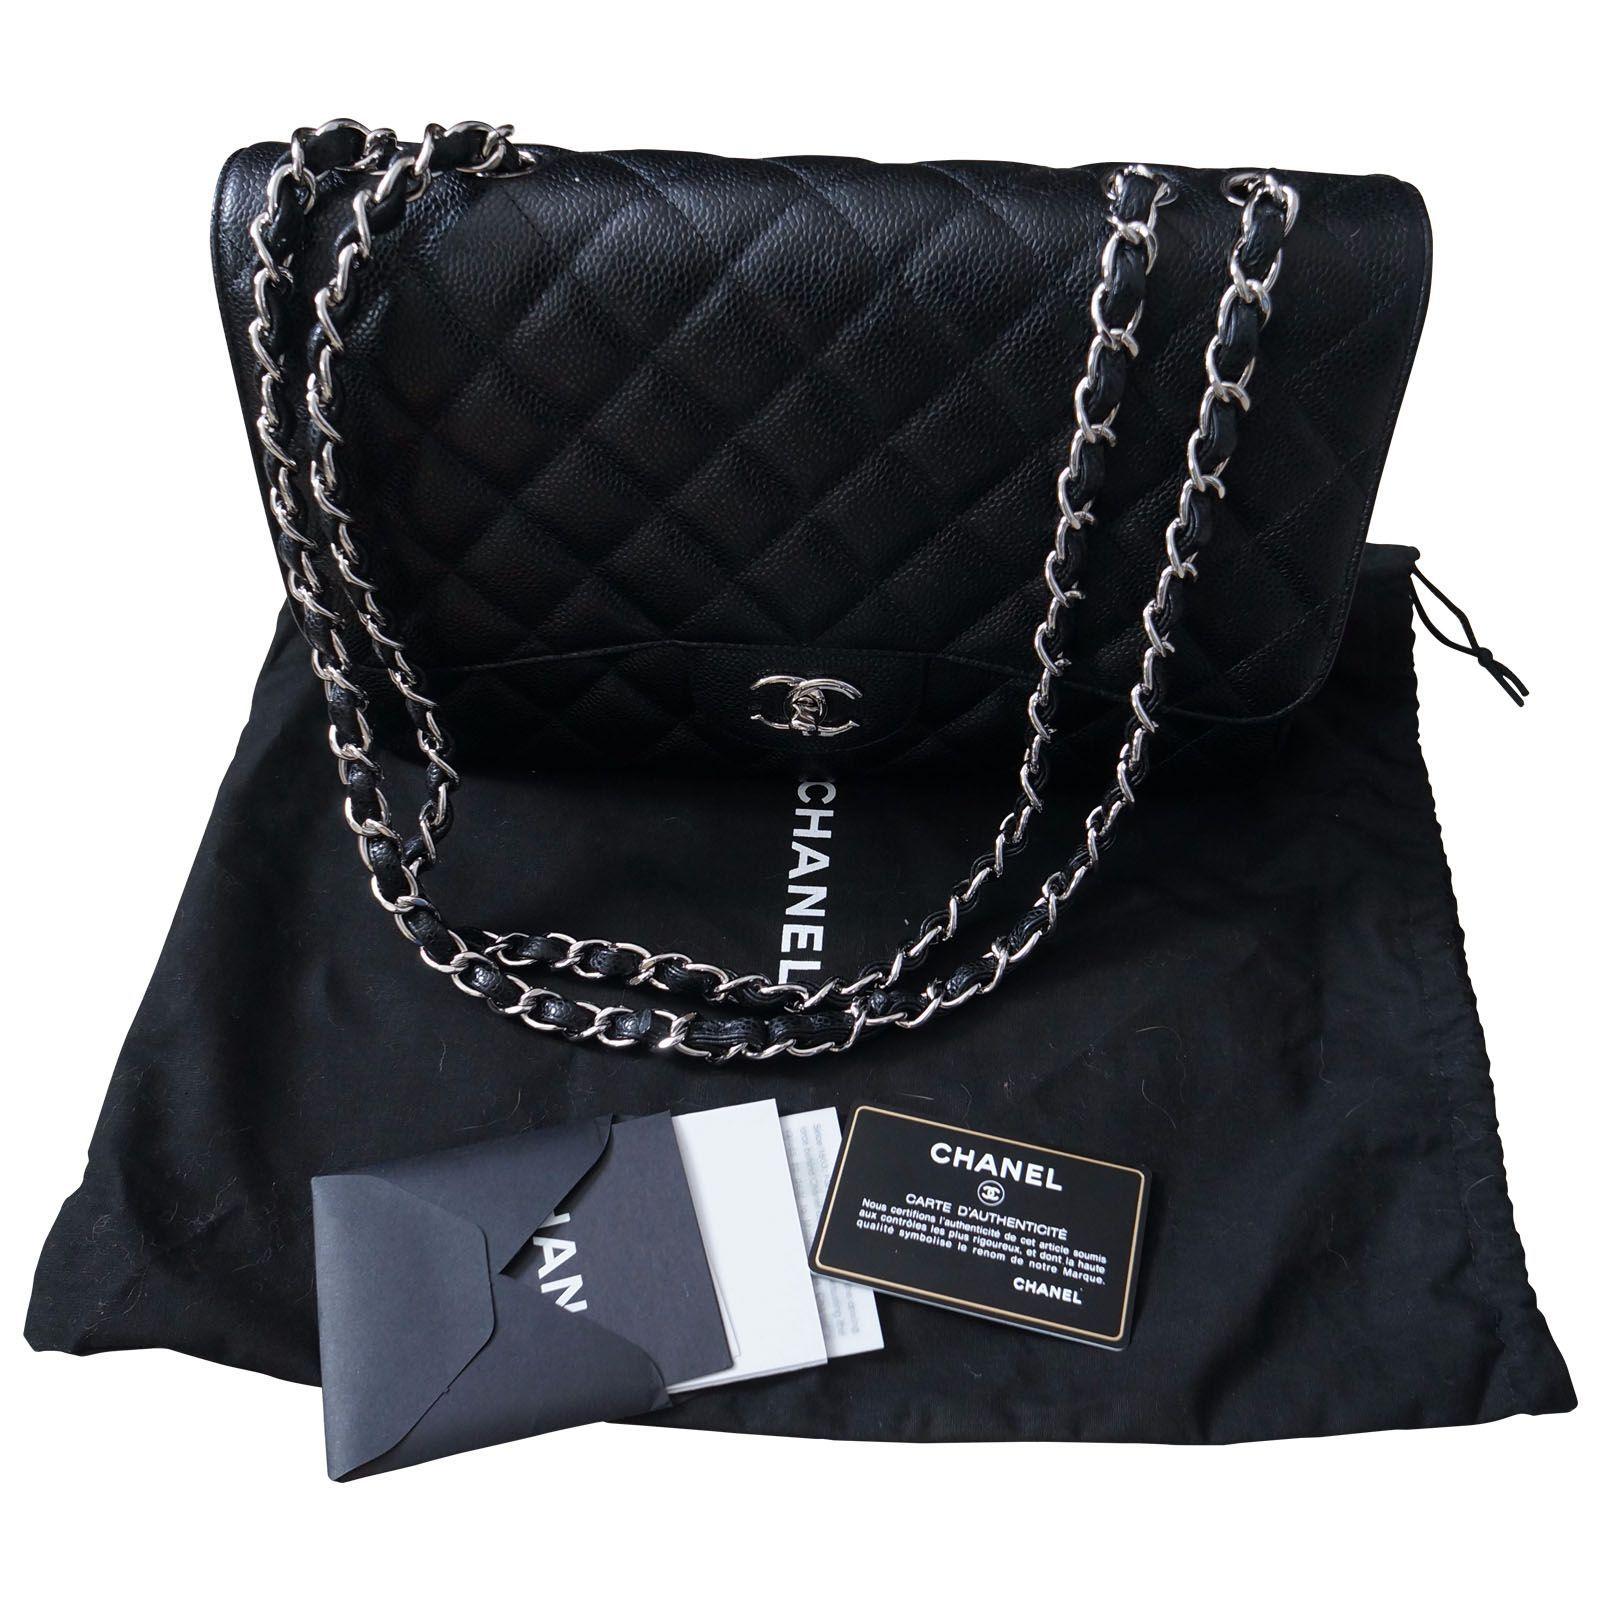 0c647a8ca83fb0 Sac Chanel Jumbo en cuir caviar noir et attributs argent. - Etat neuf avec  son dustbag et carte d authenticité - Hologramme - Booklet - Dustbag, ...